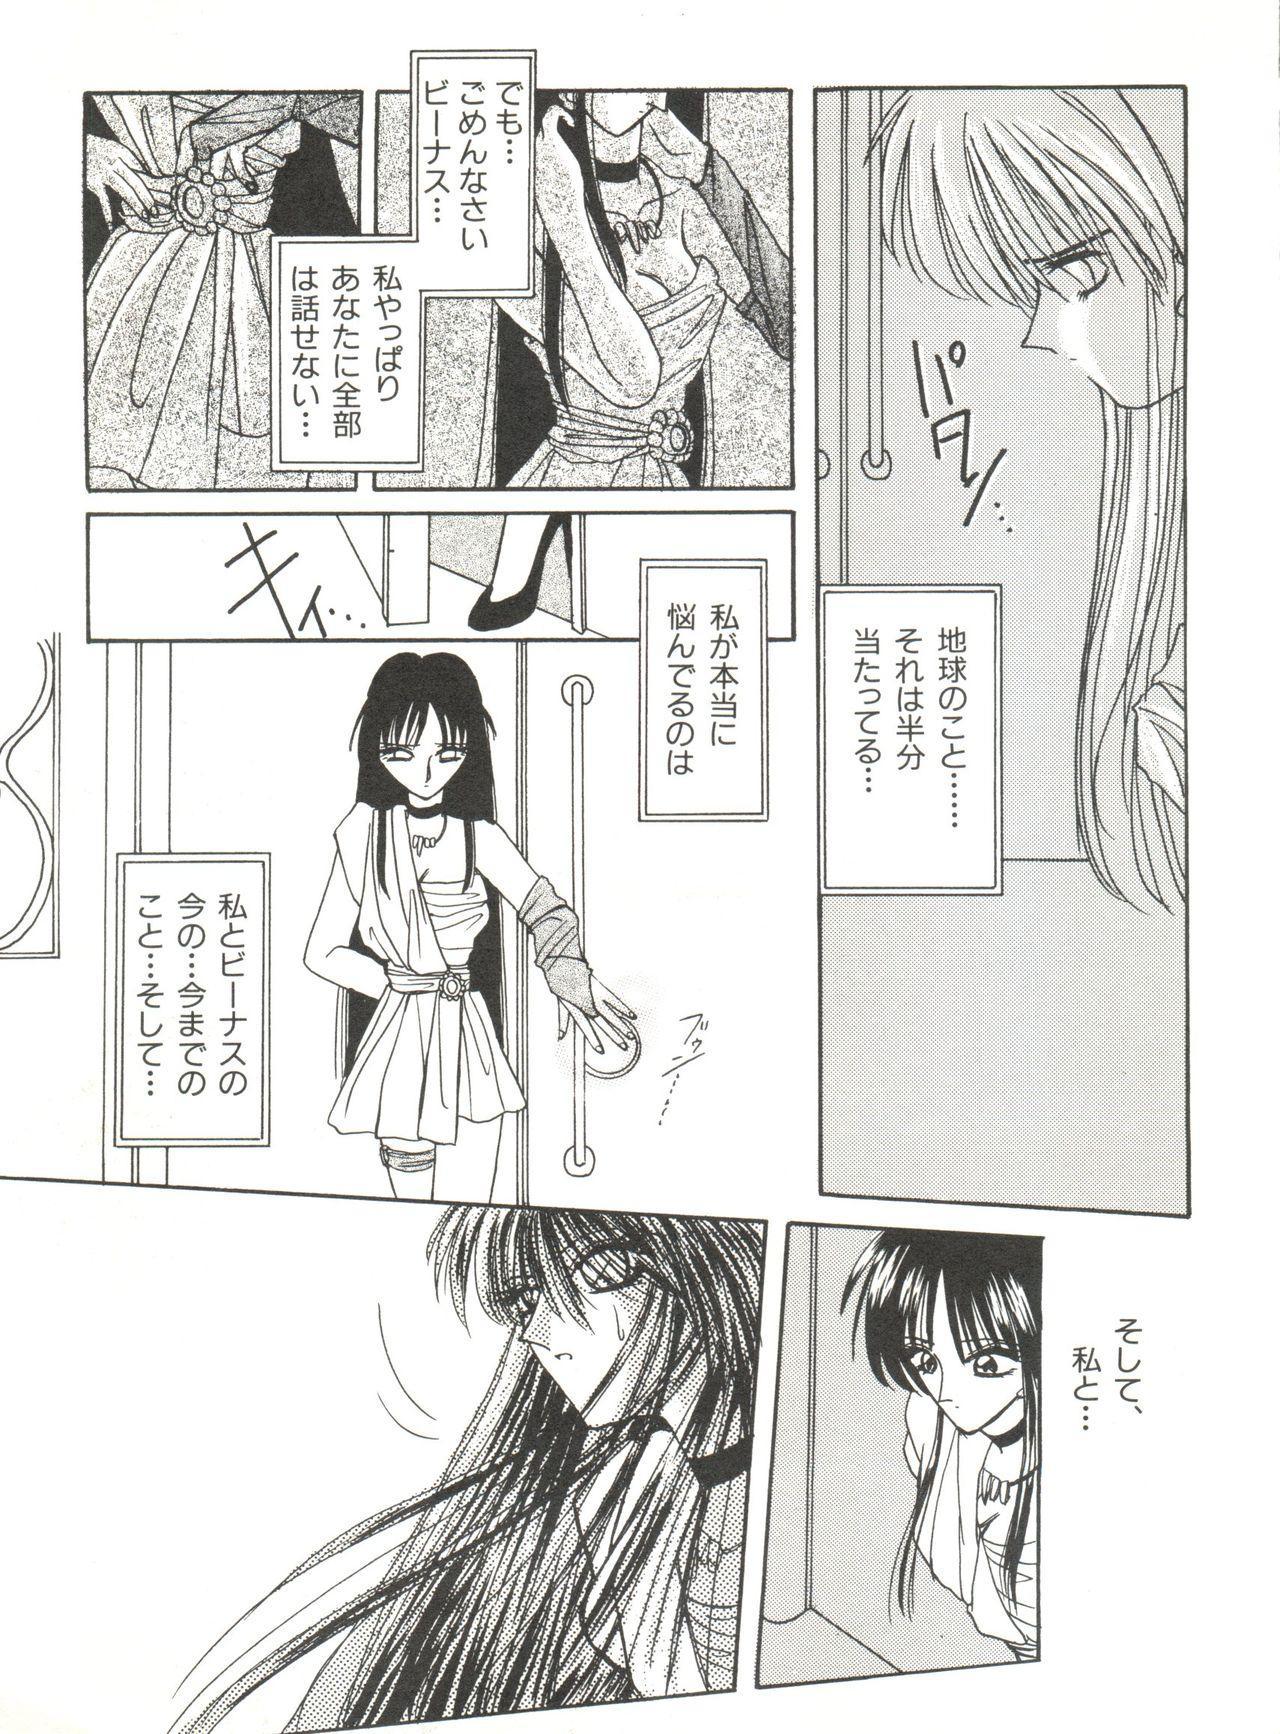 Bishoujo Doujinshi Anthology 12 - Moon Paradise 7 Tsuki no Rakuen 63